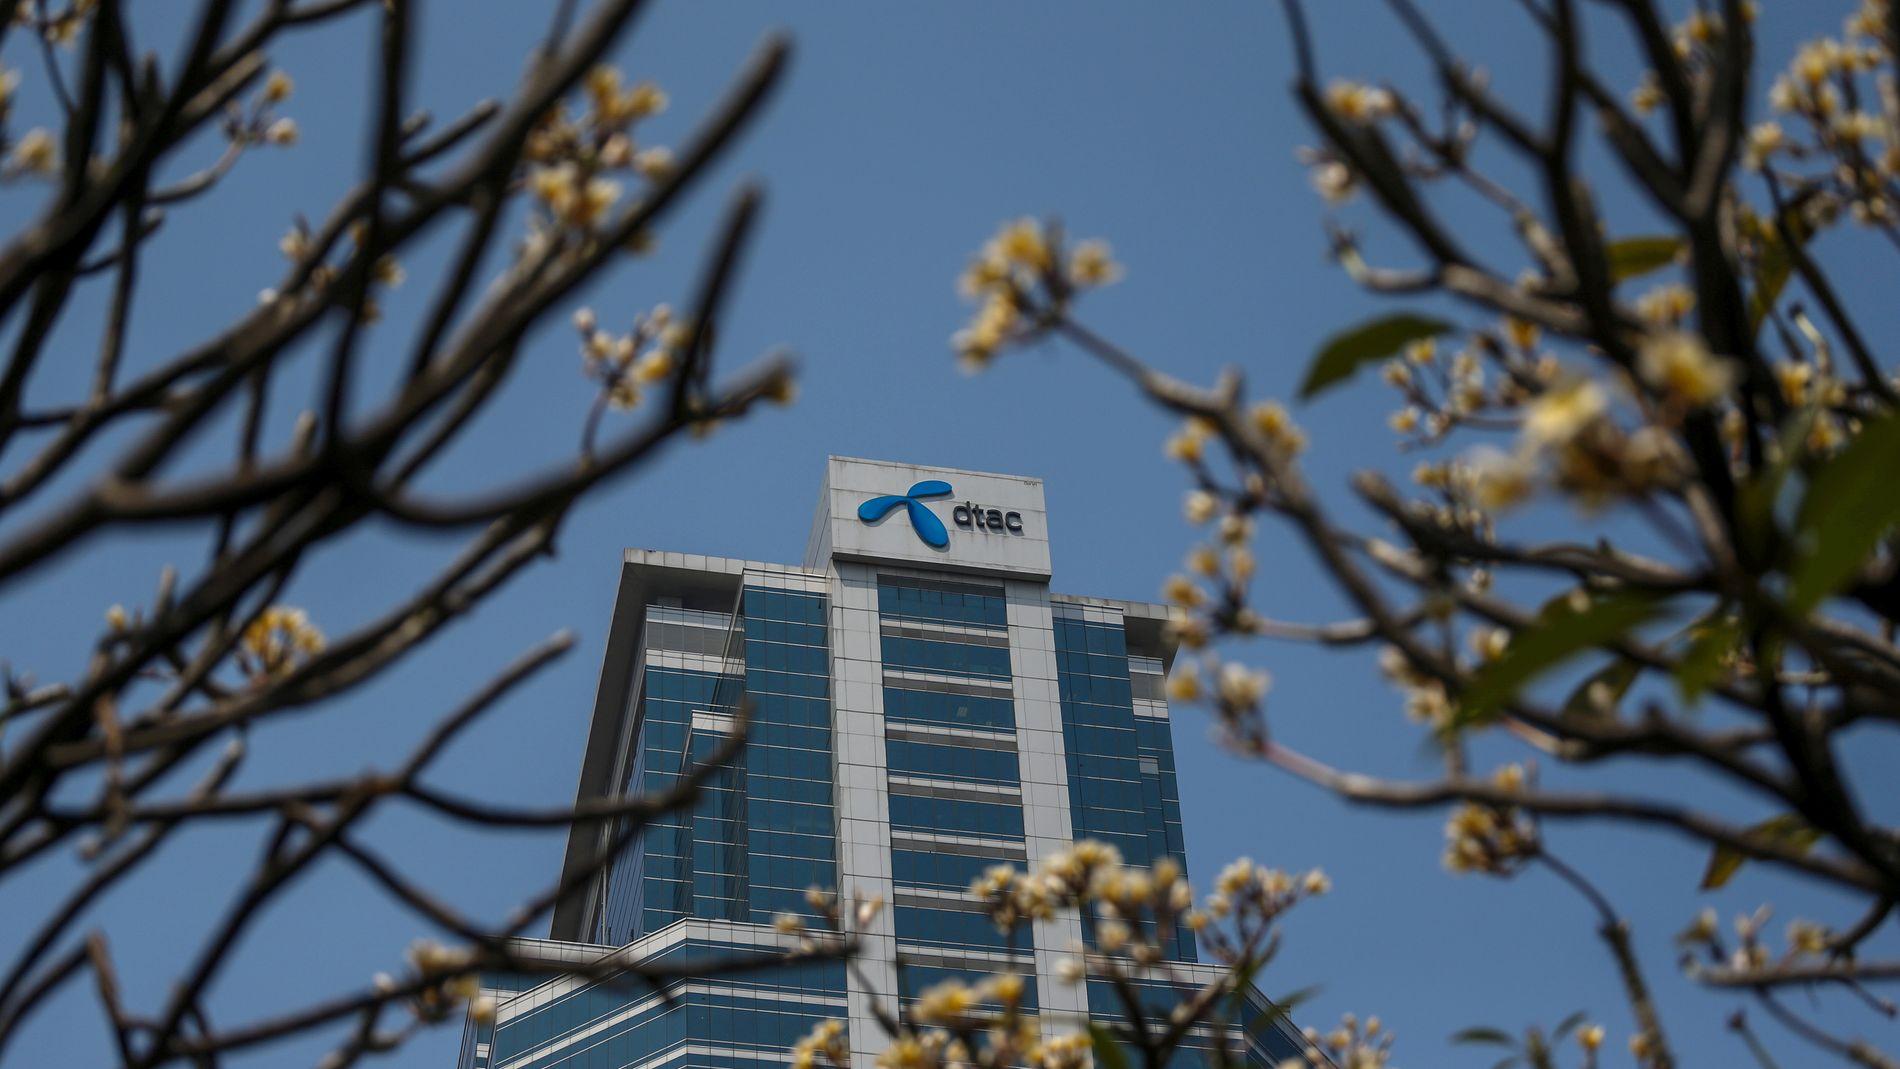 TELENOR-SELSKAP: Norske Telenor eier 42,6 prosent av dtac i Thailand.